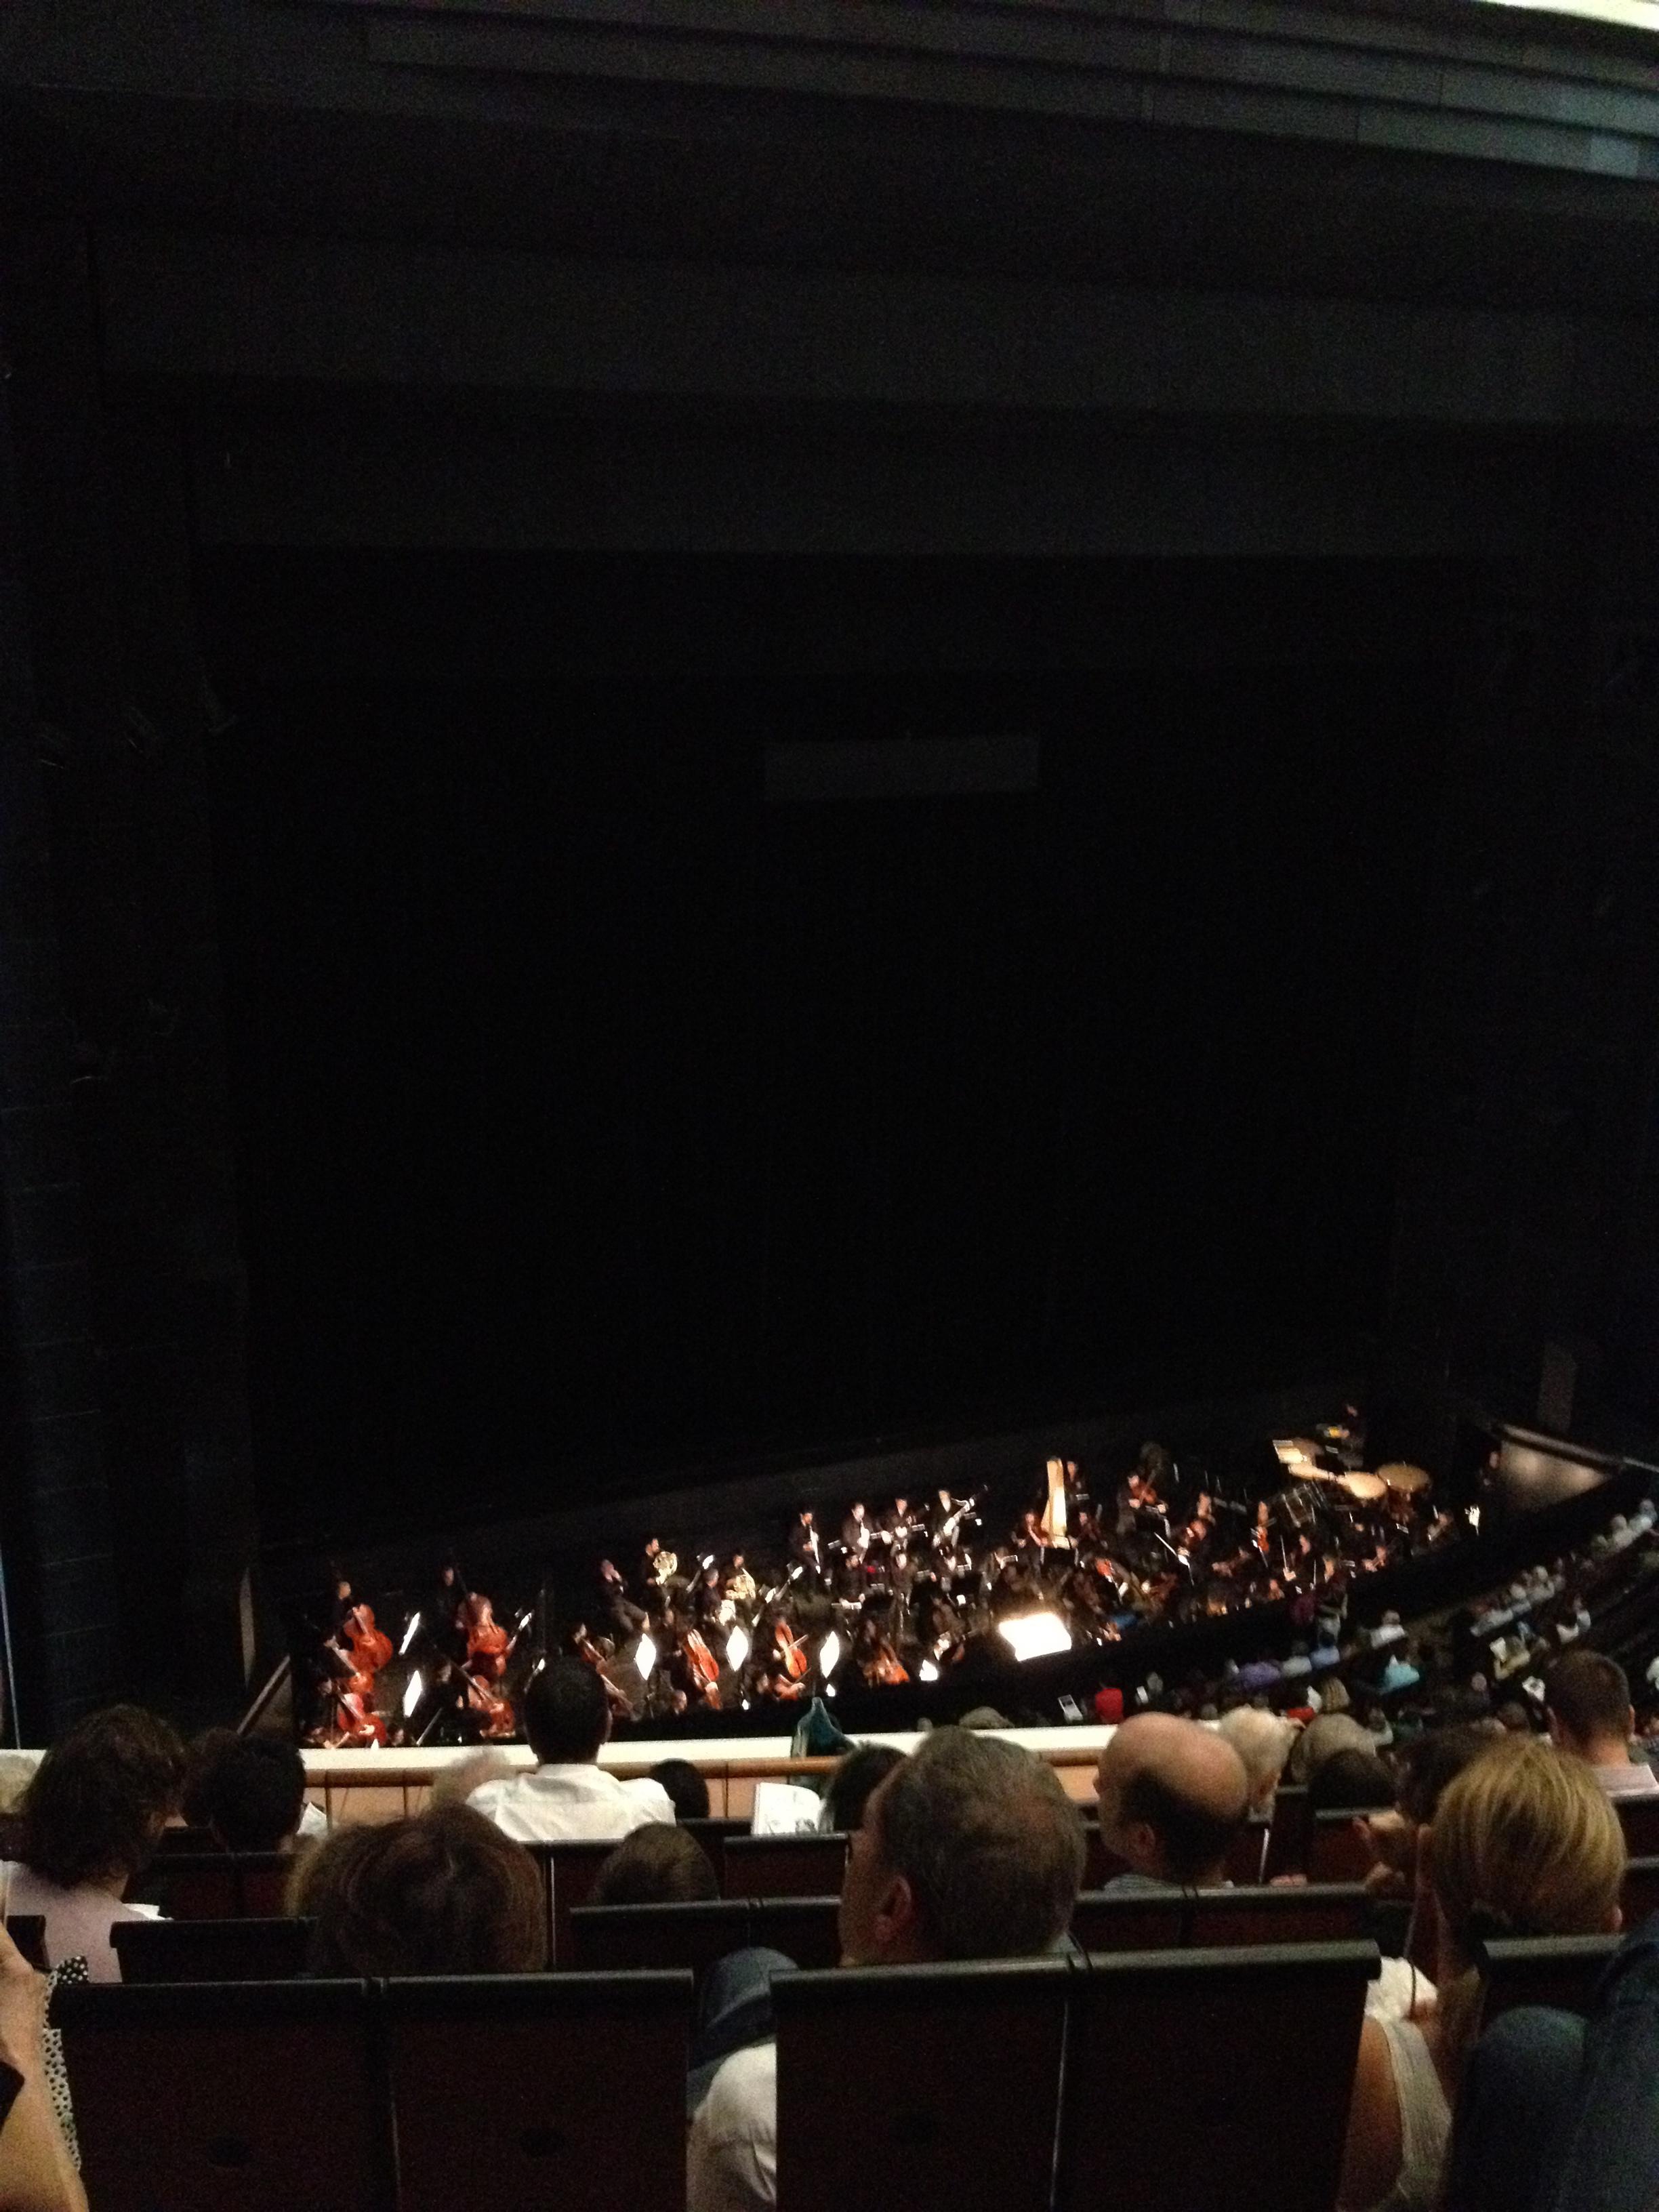 Orchestra at Opera Bastille